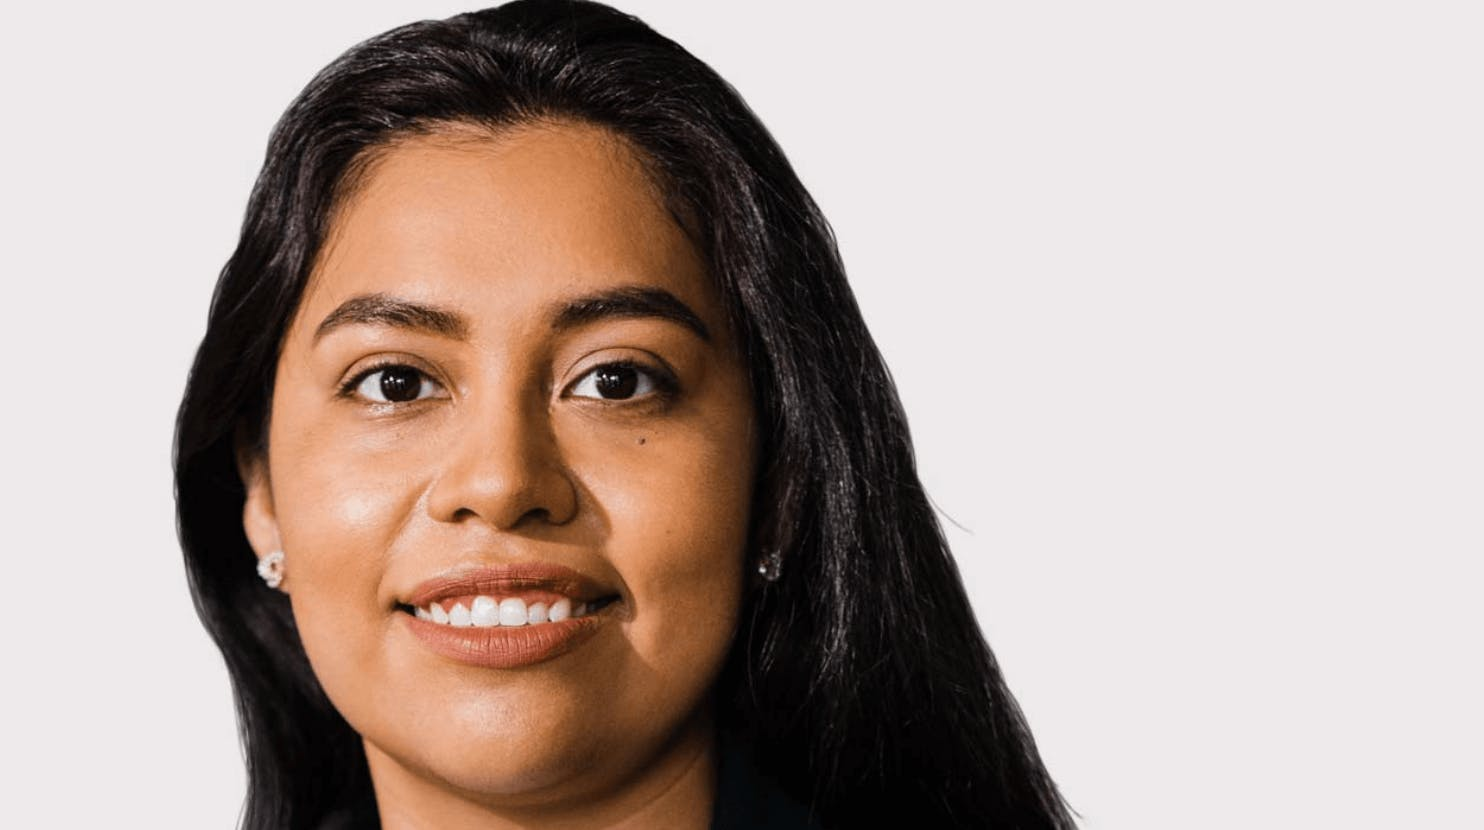 Jessica Cisneros